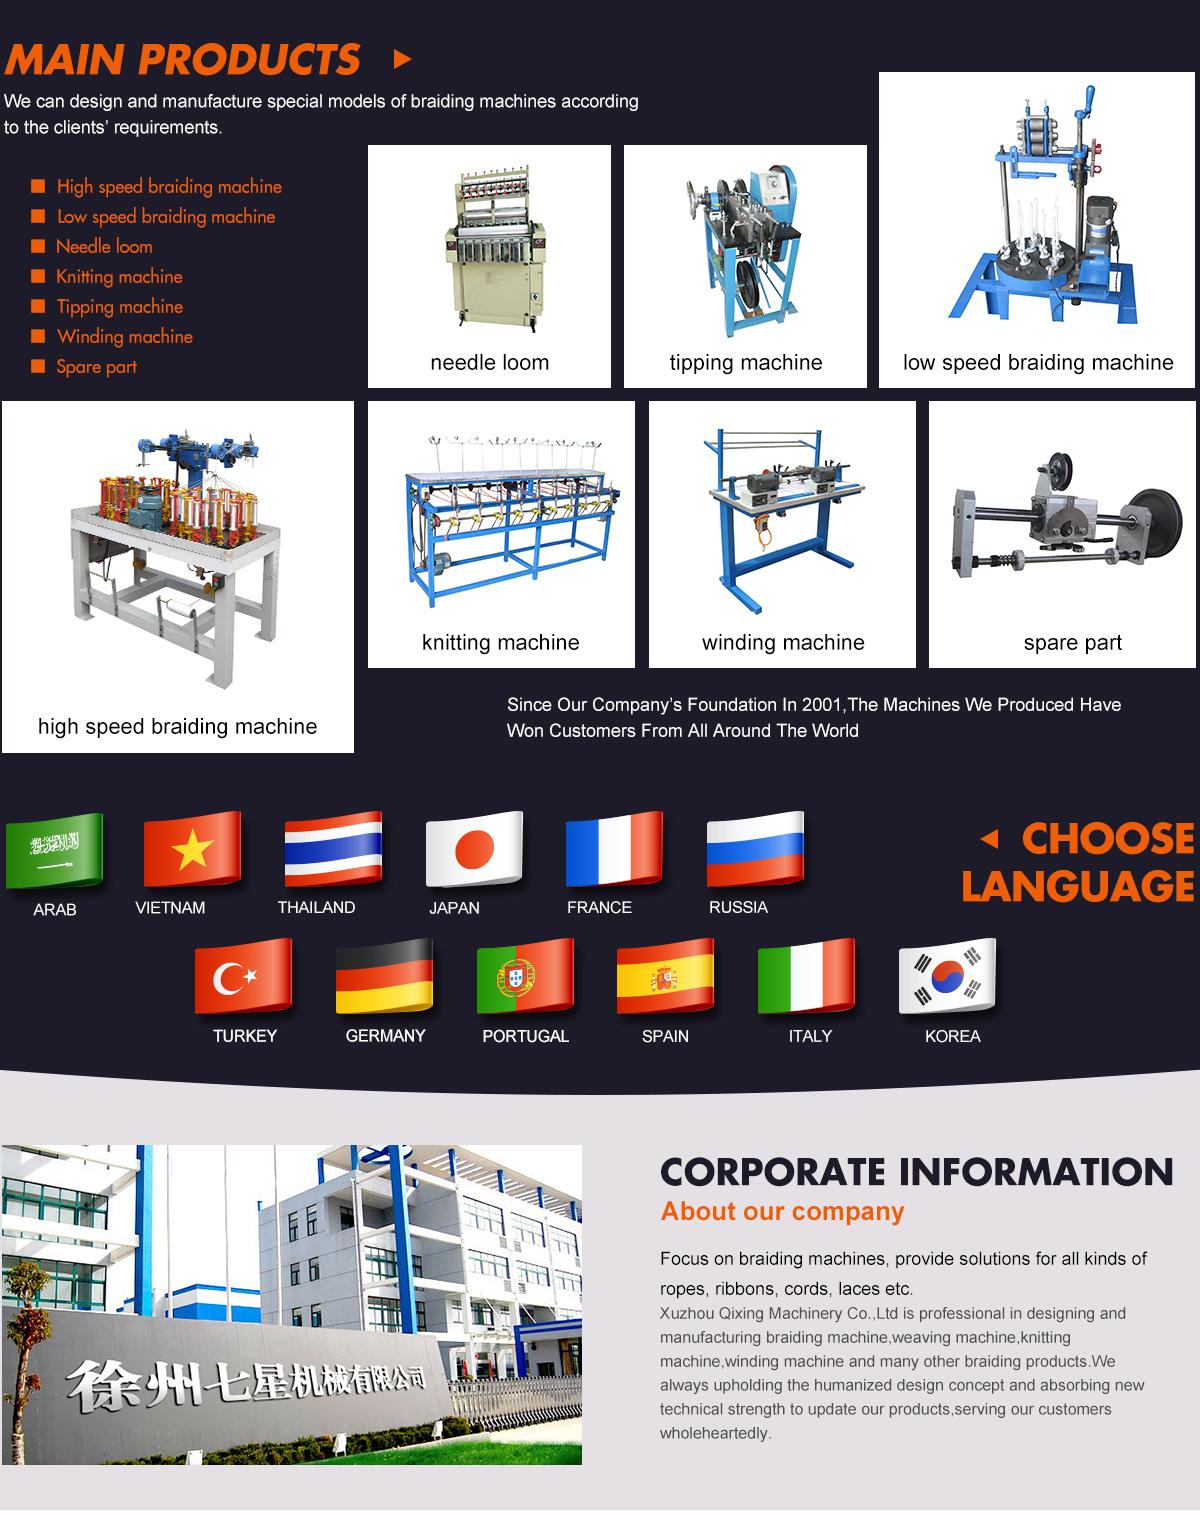 Xuzhou Qixing Machinery Co , Ltd  - Braiding machine